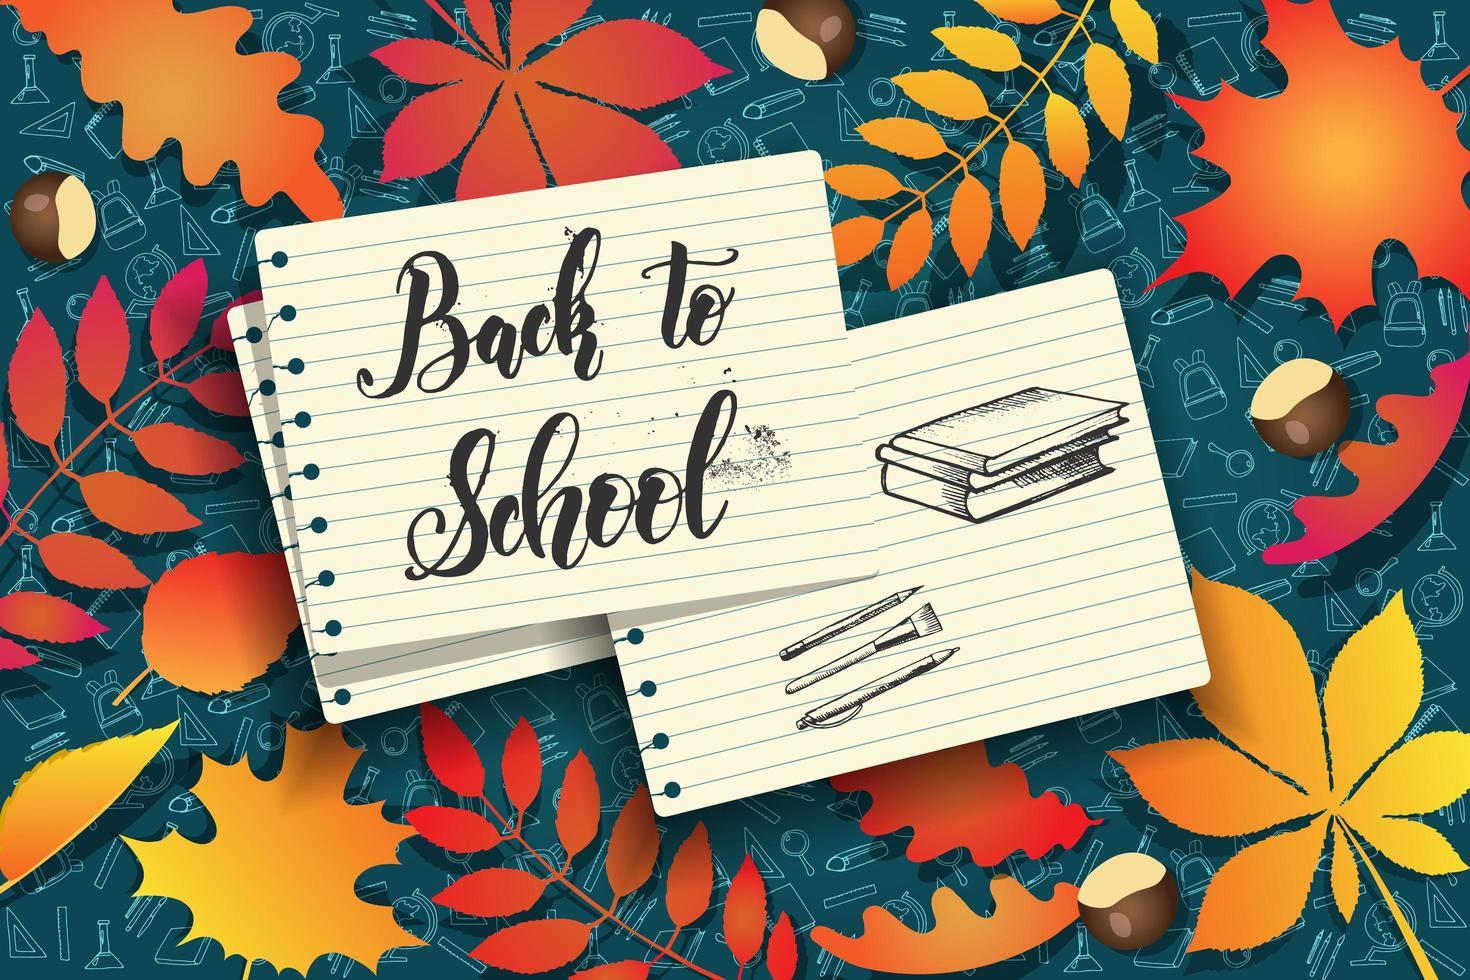 torna a scuola scarabocchi disegnati a mano su carta sopra le foglie vettore